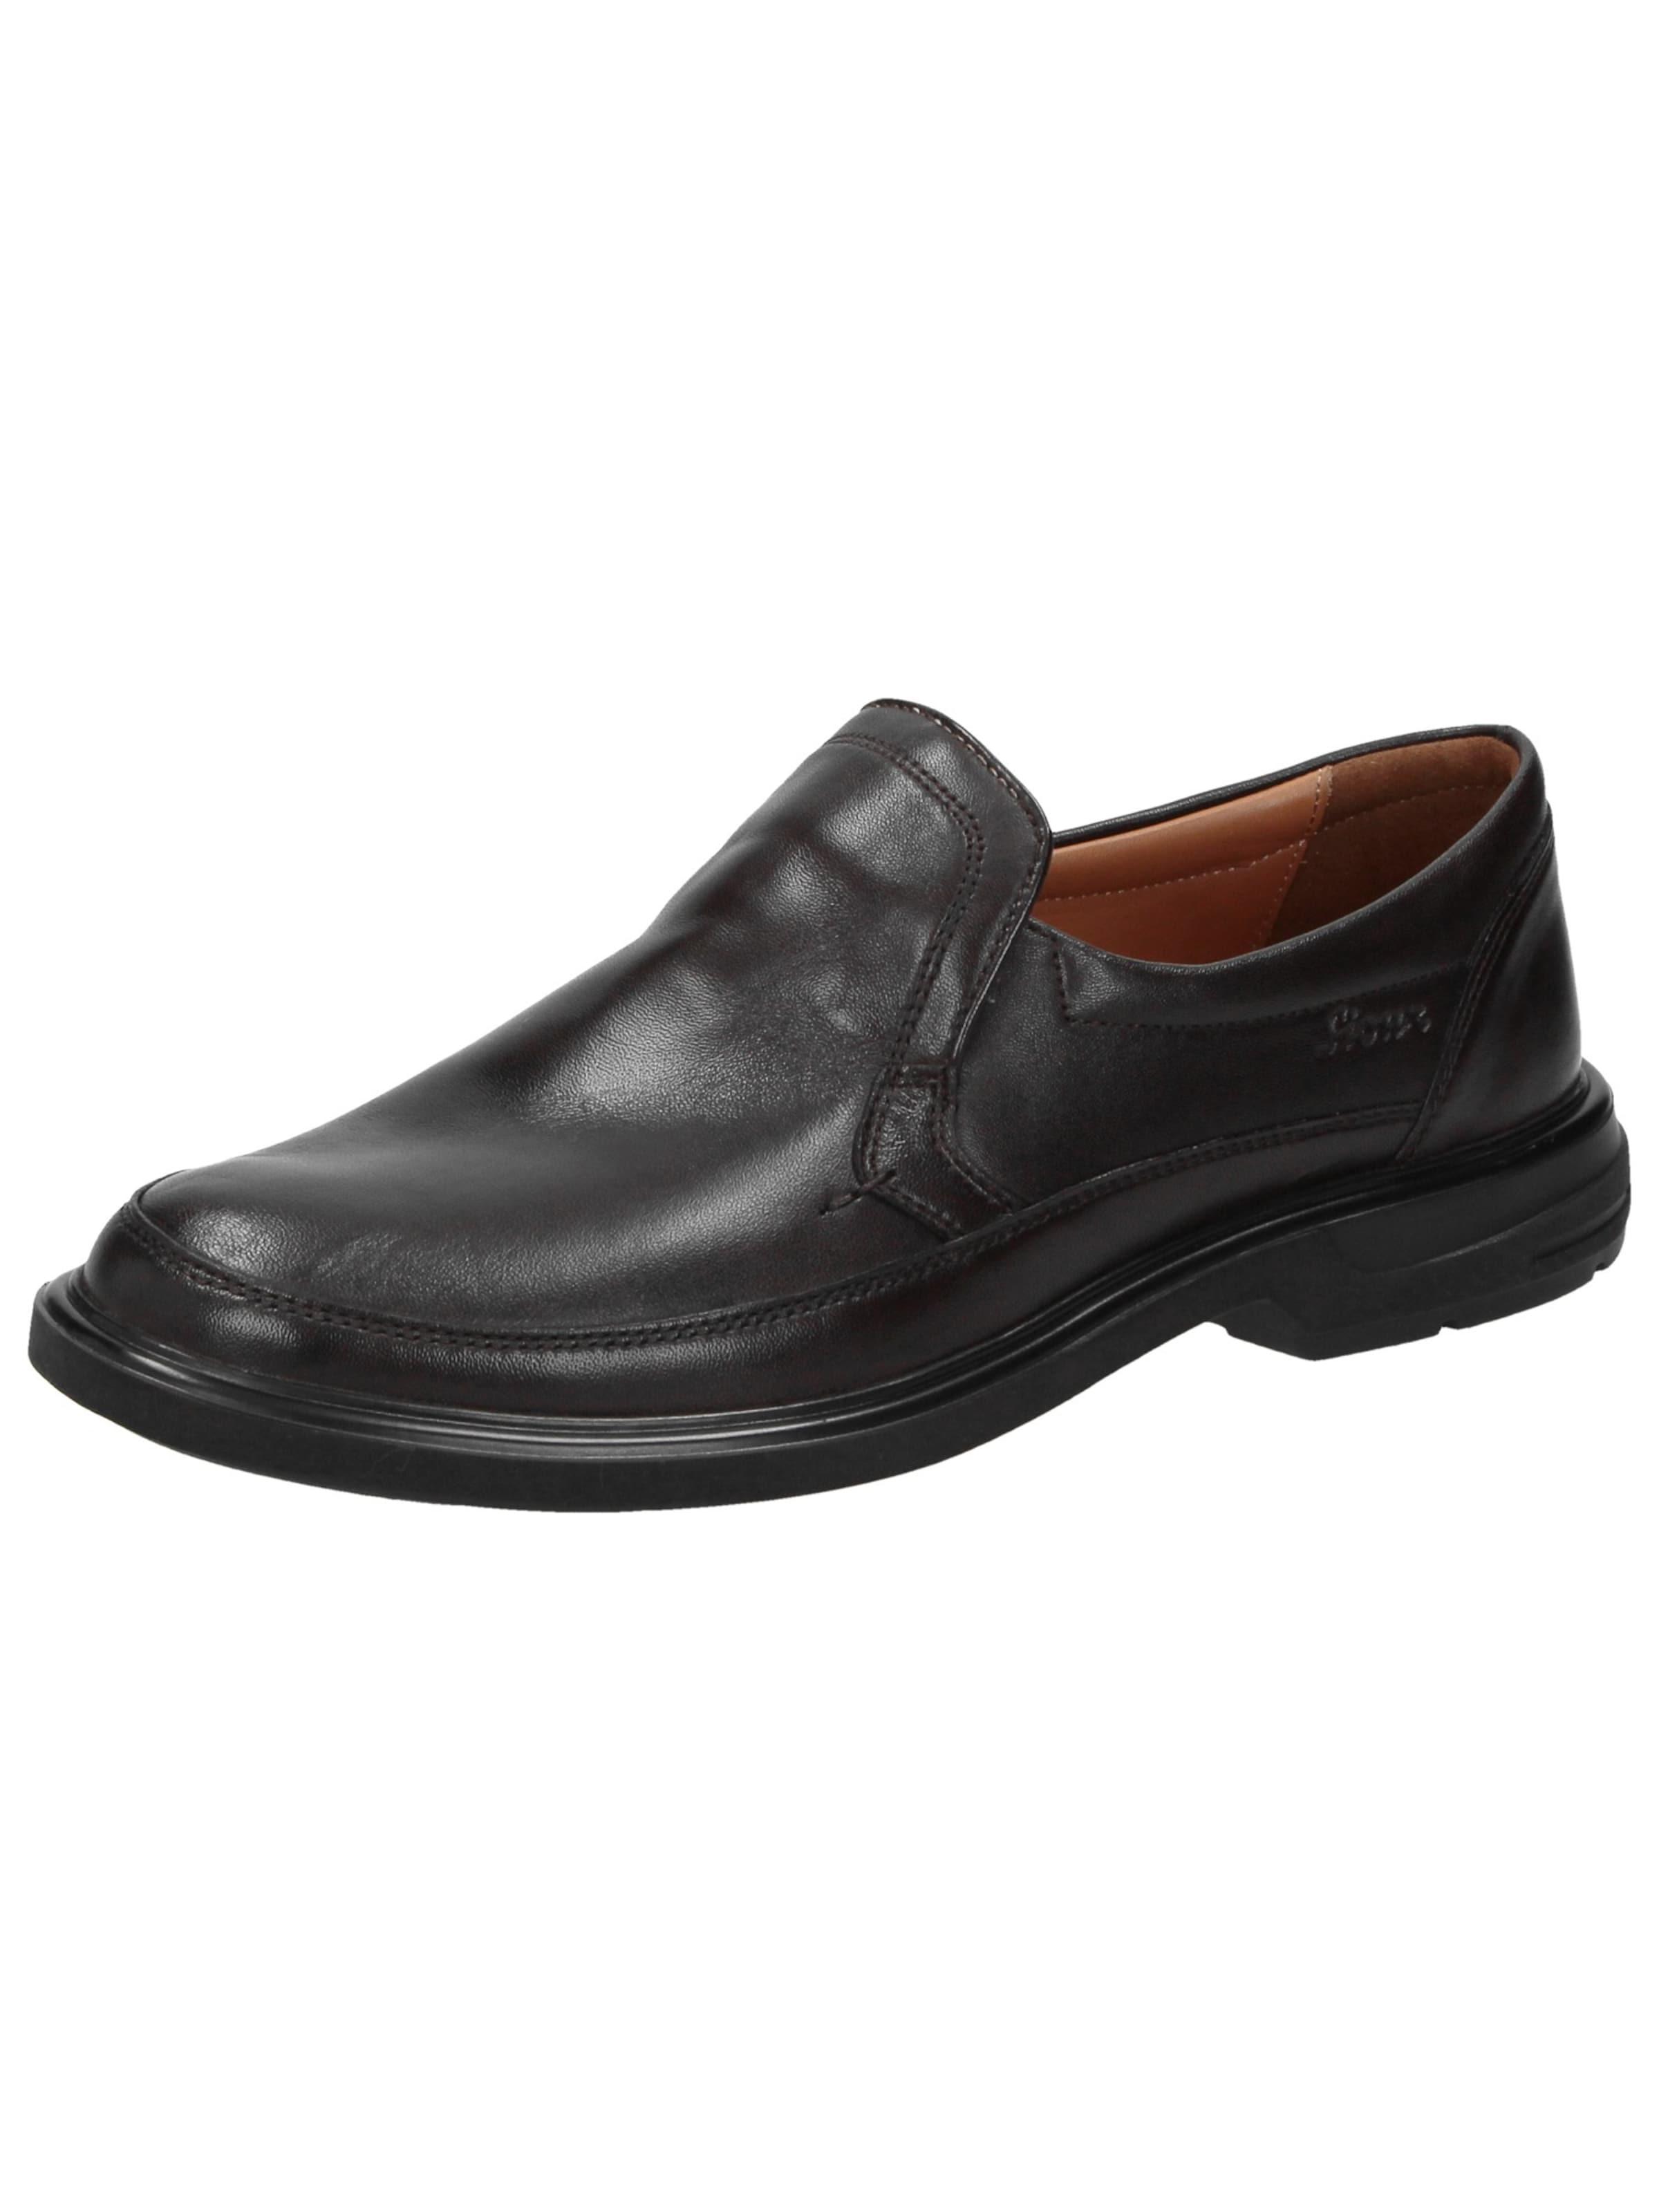 SIOUX Slipper Pujol-XL Verschleißfeste billige Schuhe